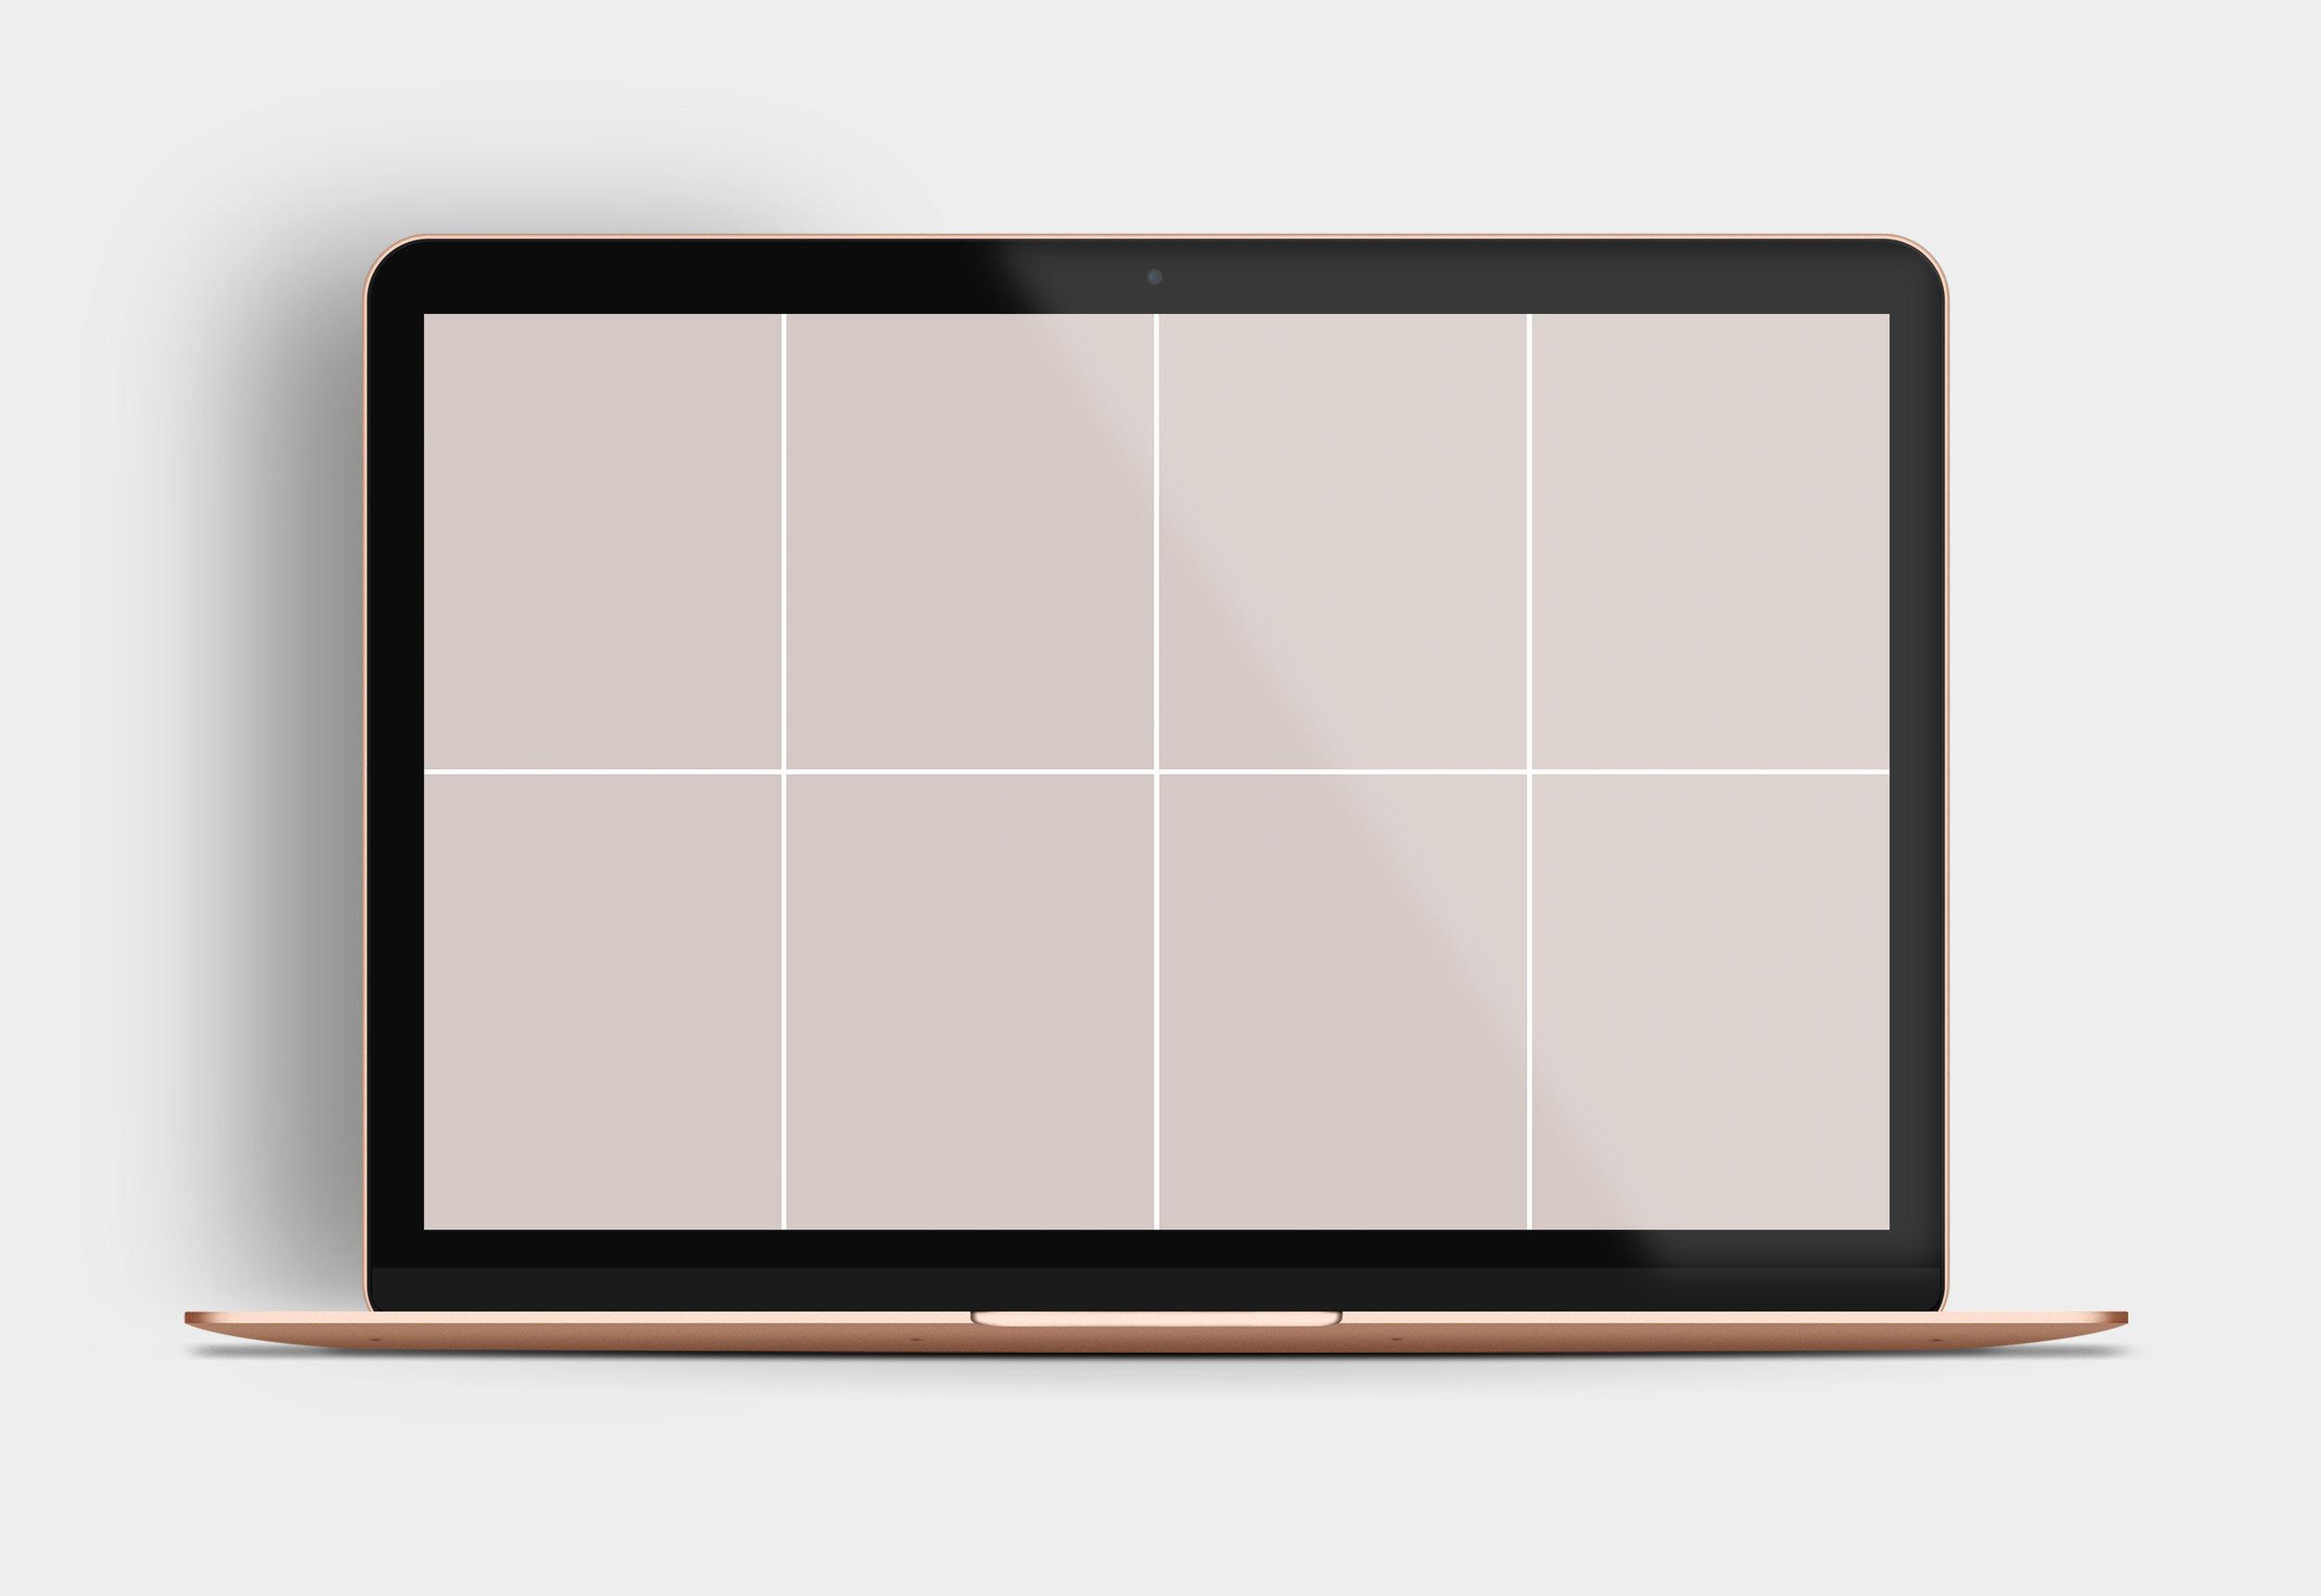 Desktop-Grid-14.jpg